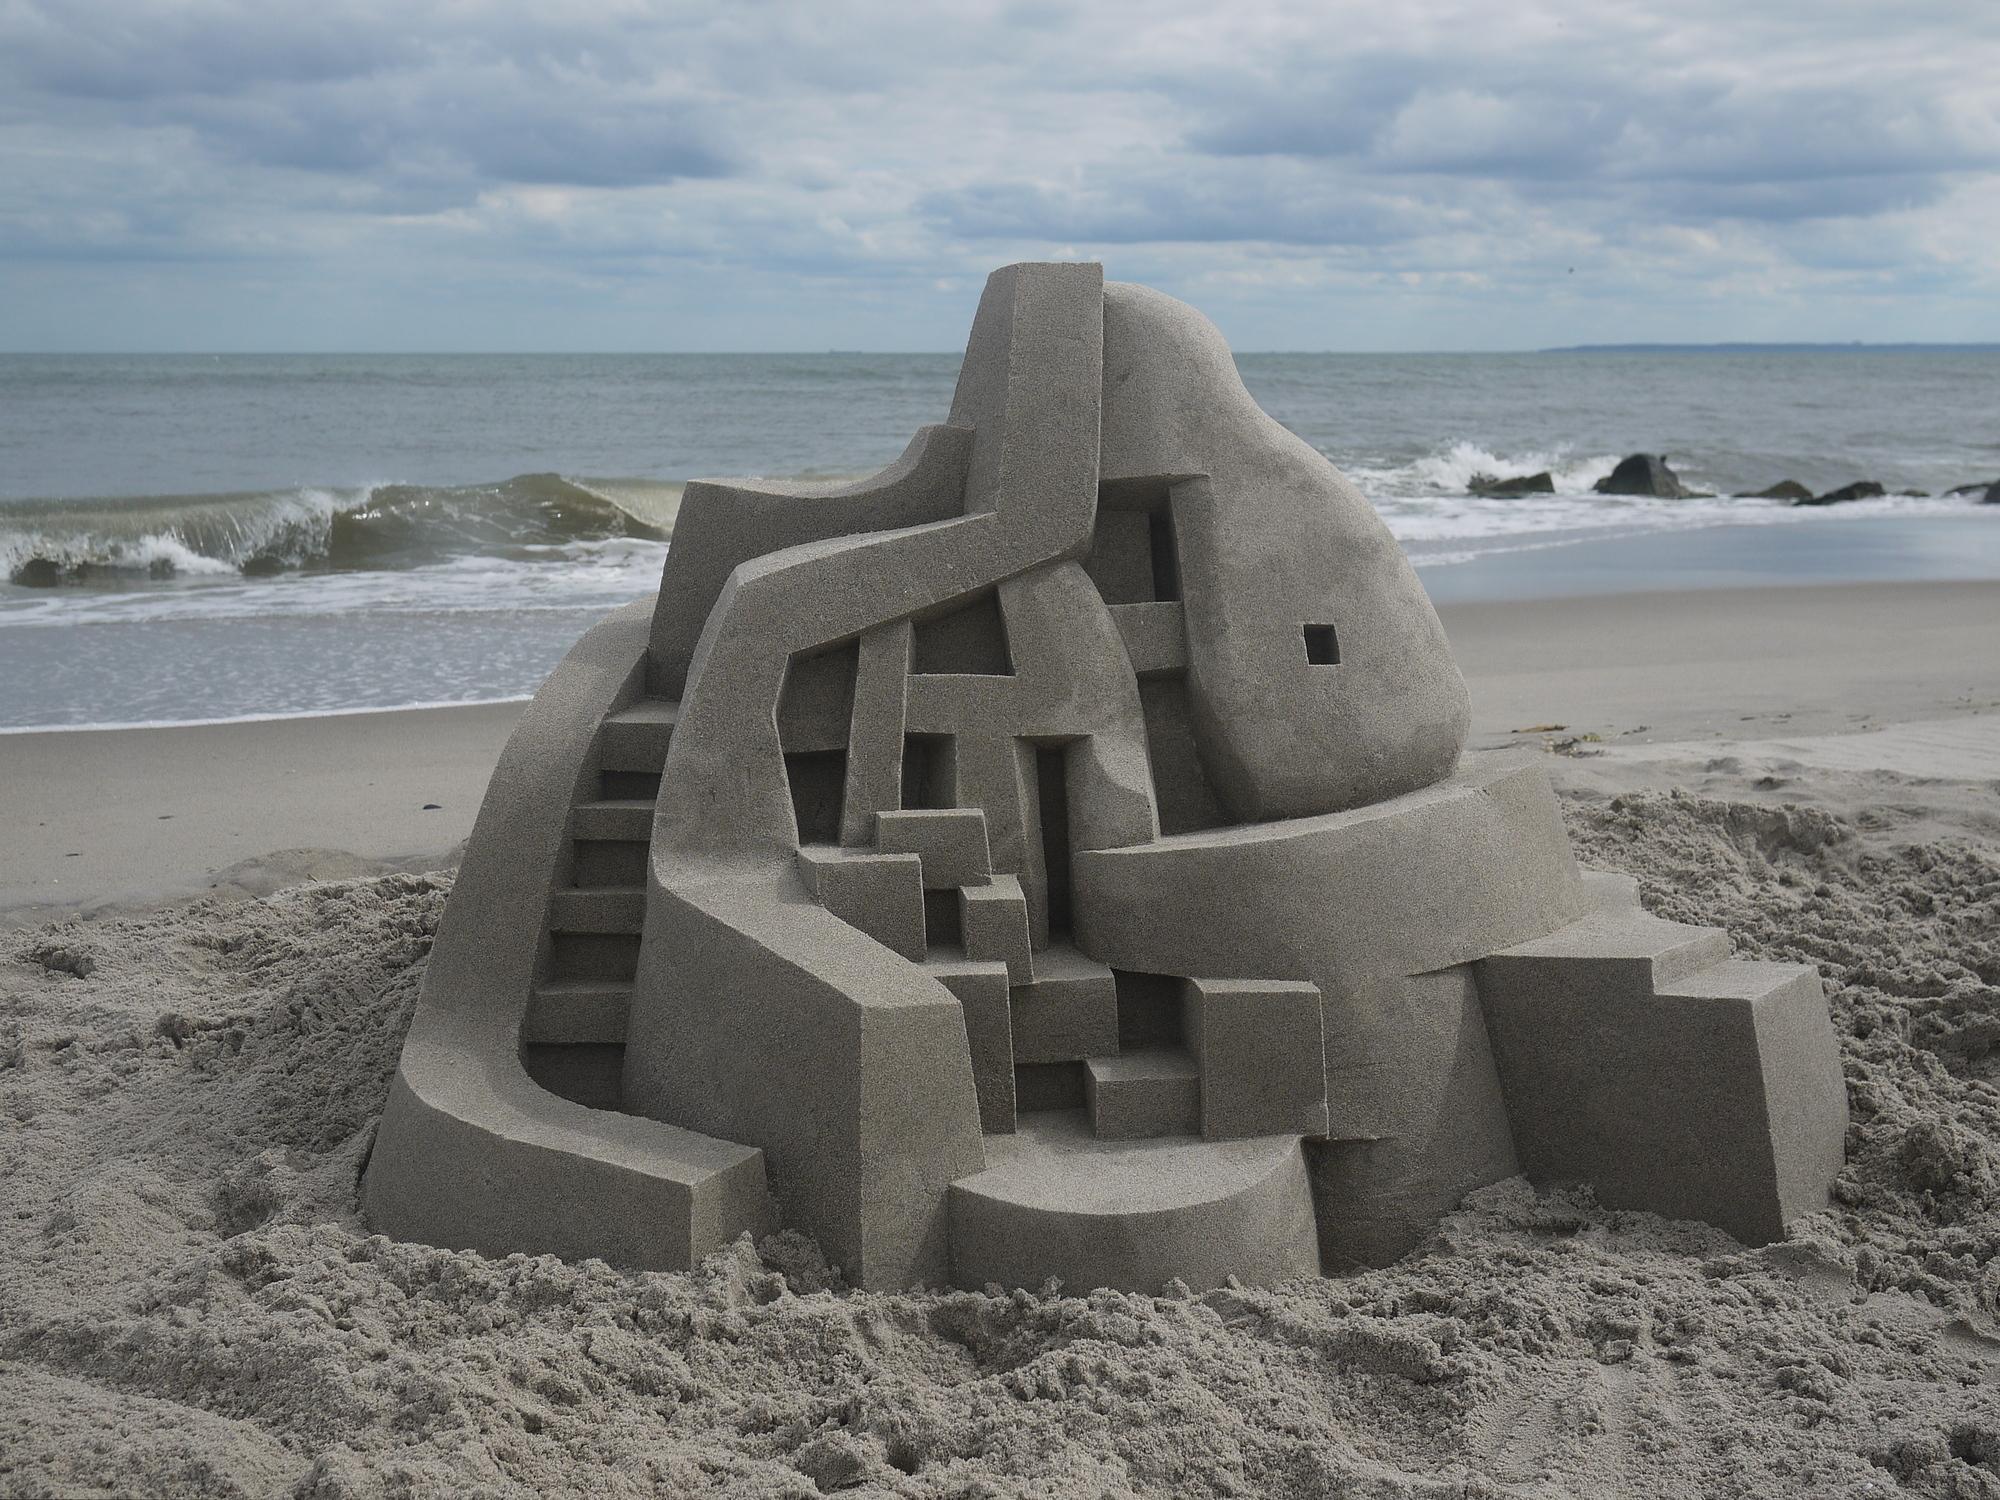 Calvin Seibert esculpe estos impresionantes castillos de arena